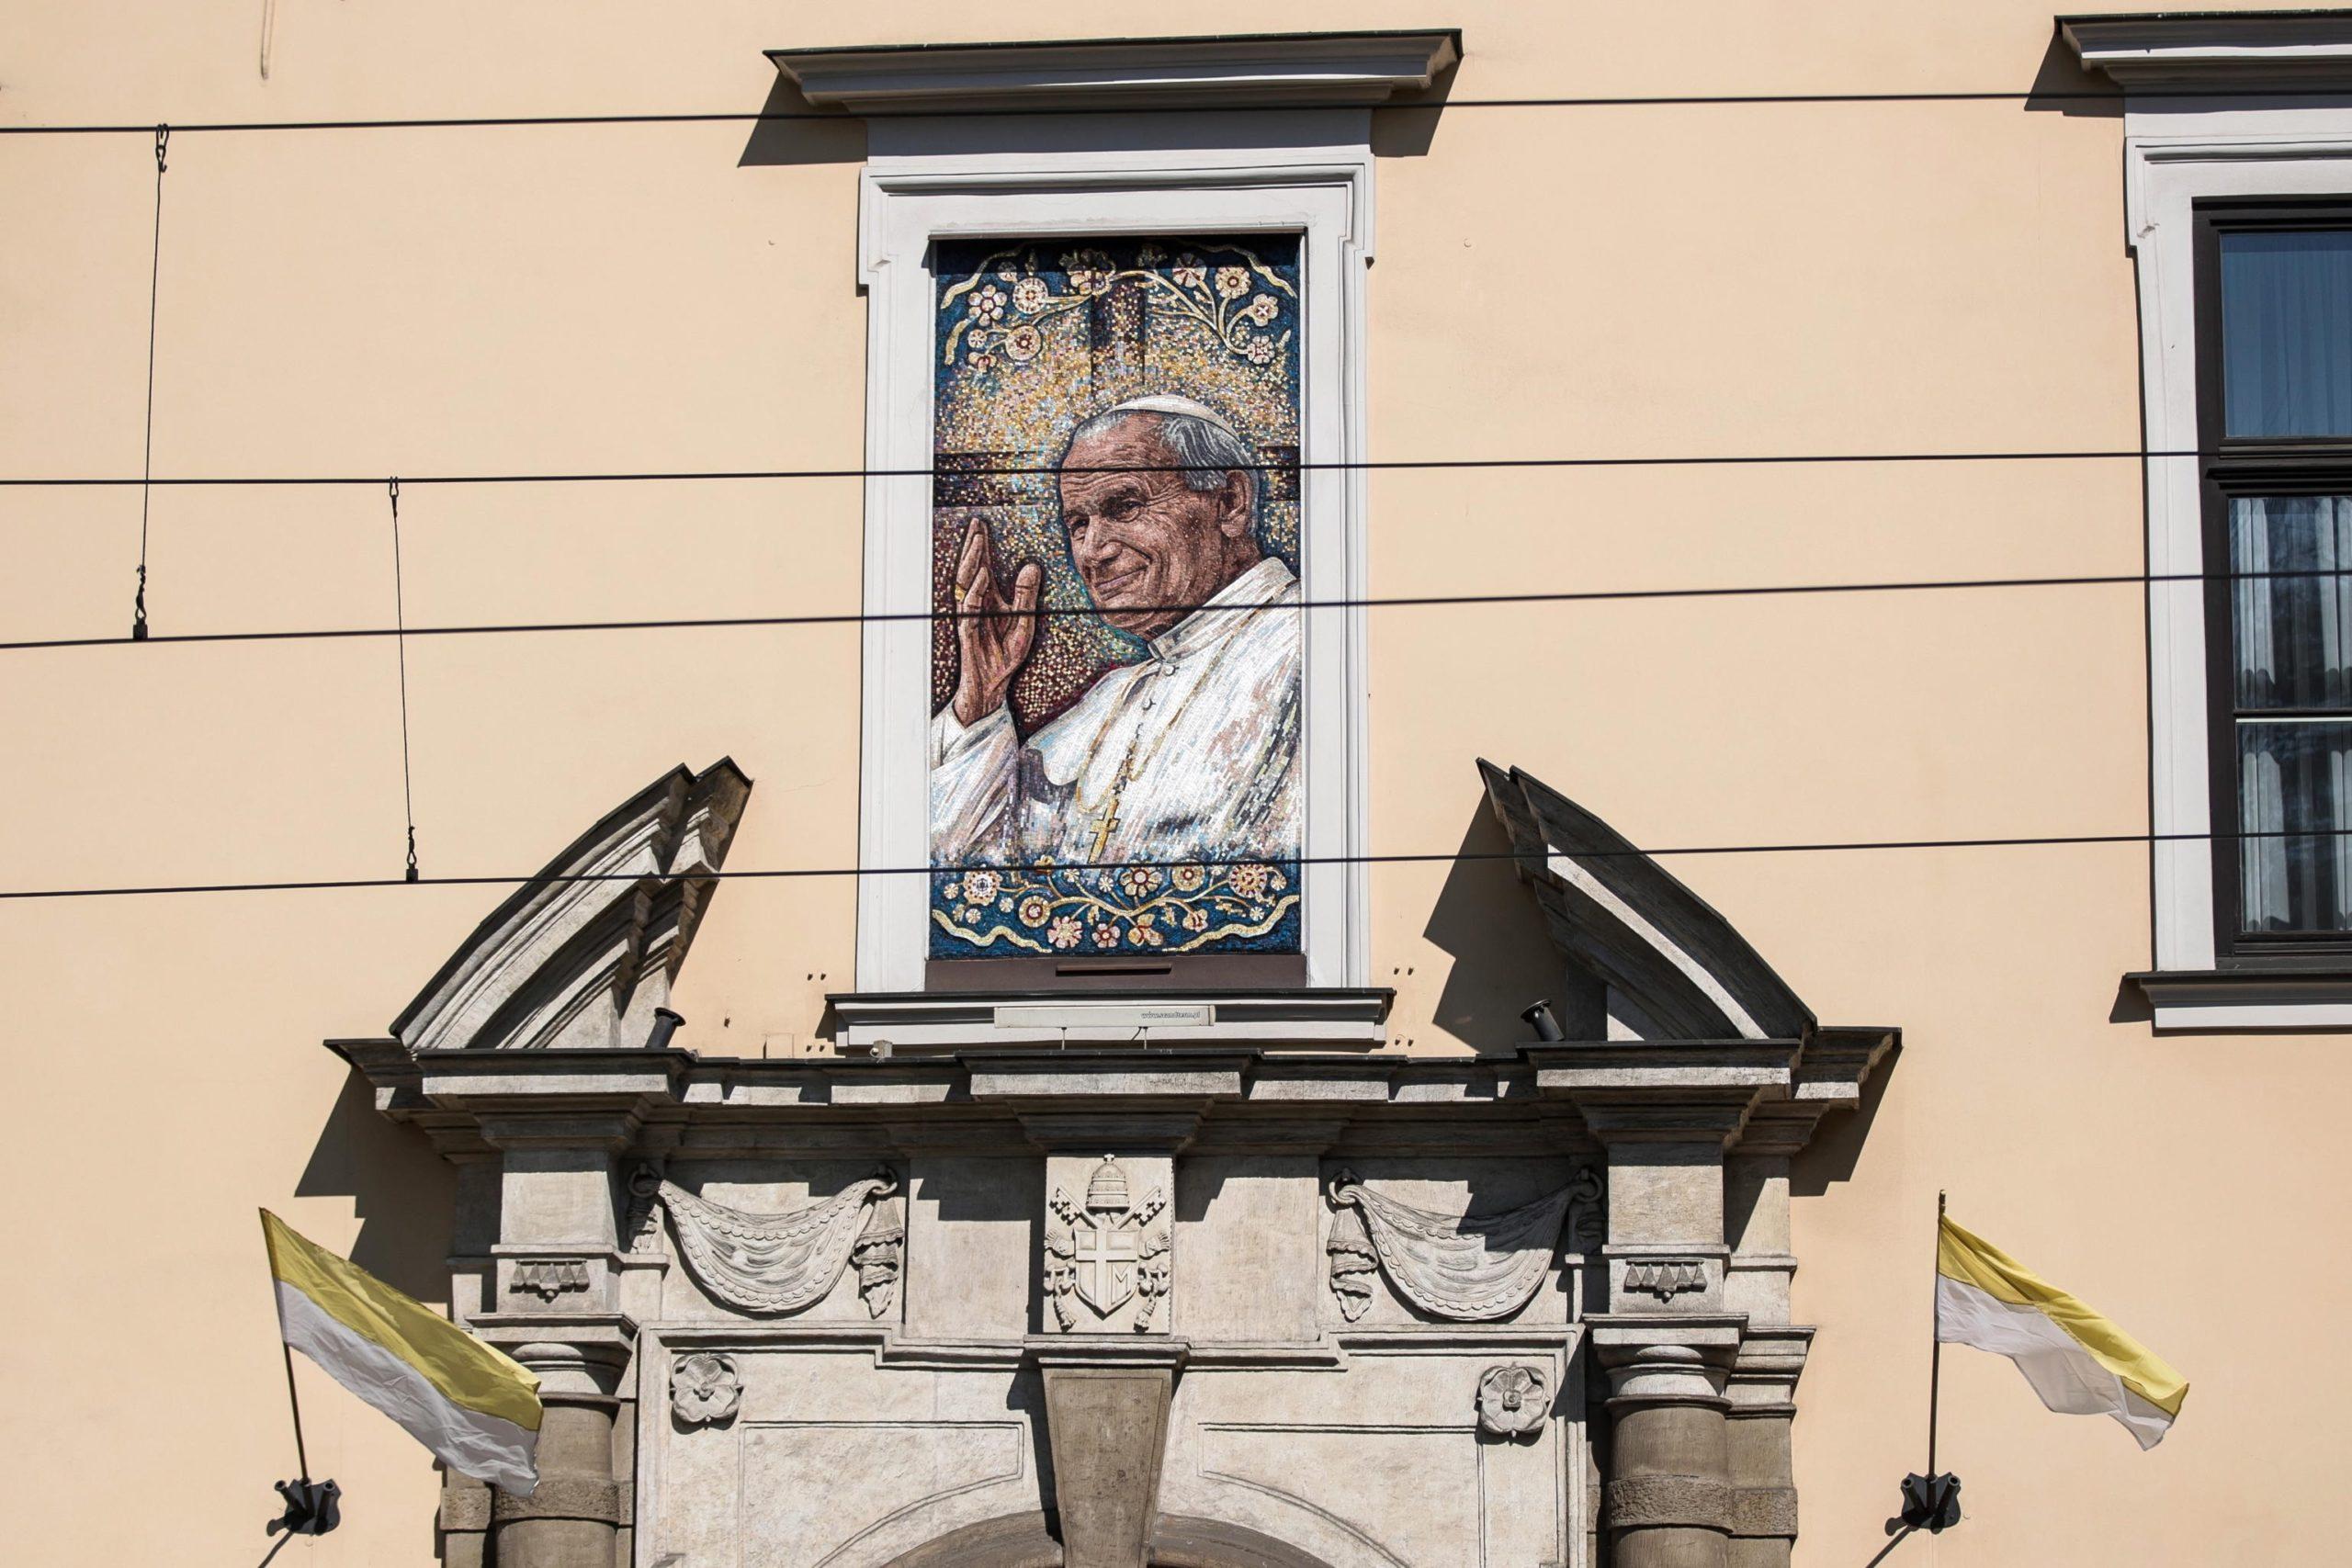 Polonia: un'immagine di Papa Giovanni Paolo II nel giorno della sua commemorazione